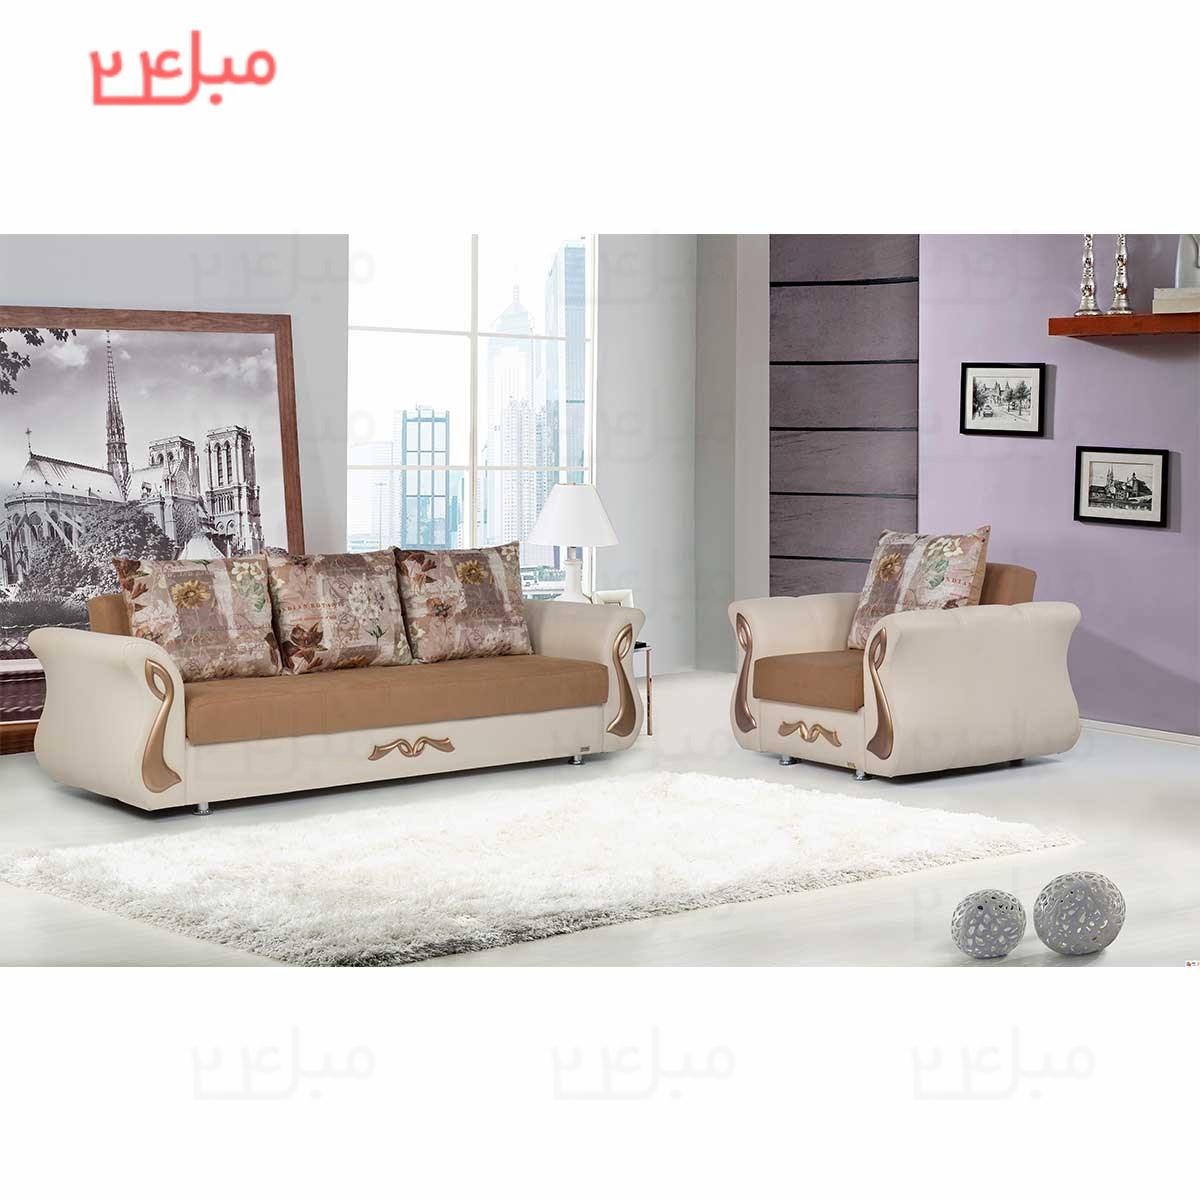 ست مبل راحتی تختخواب شو ( تخت شو ) 7 نفره مدل :P83N |